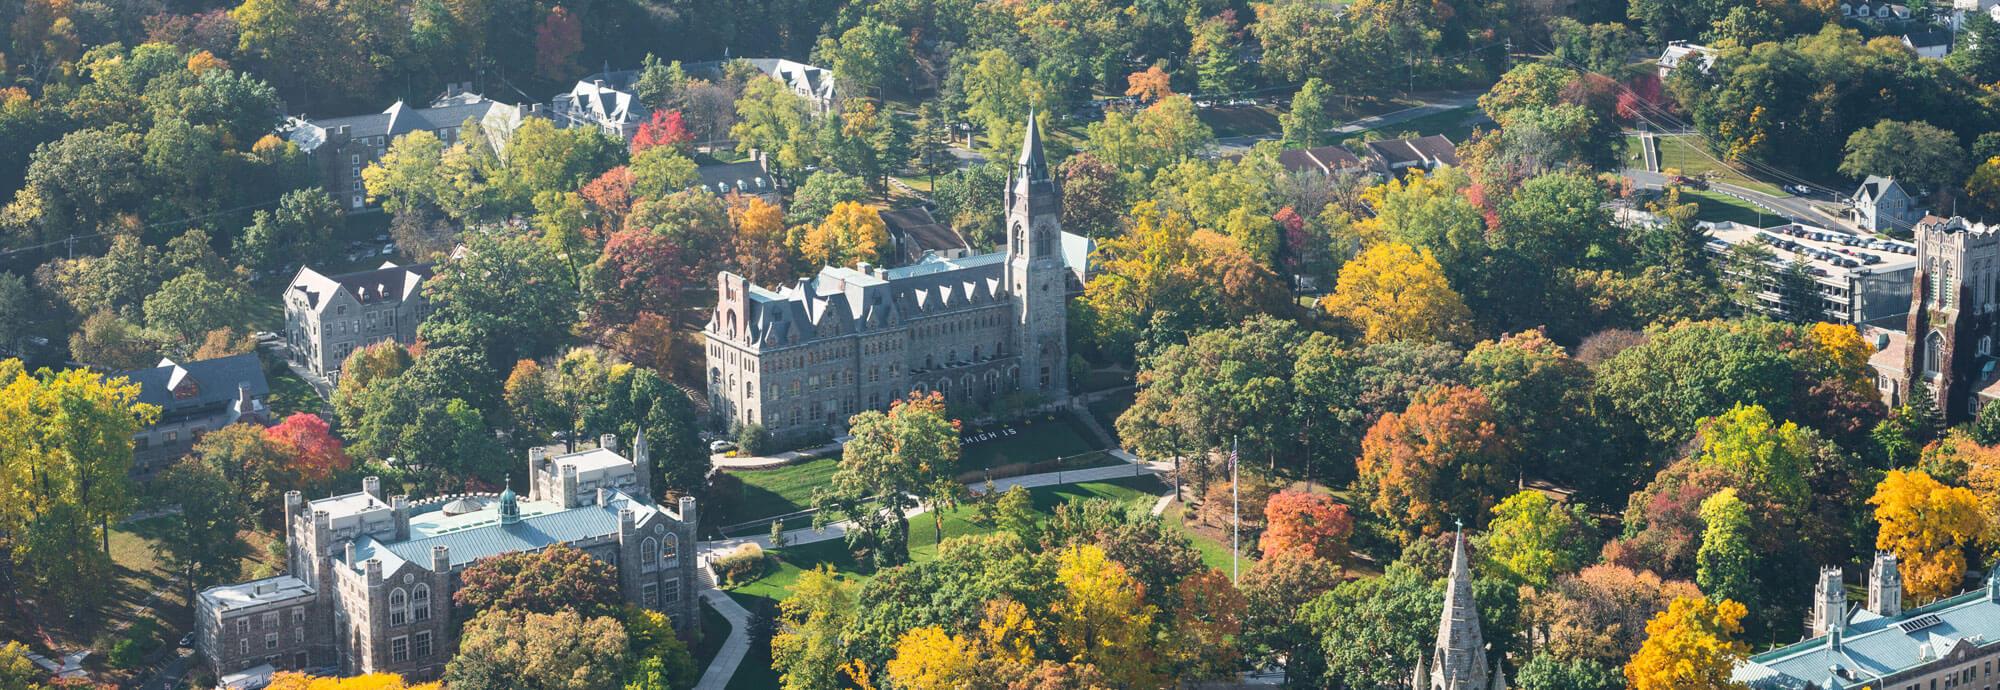 Lehigh campus